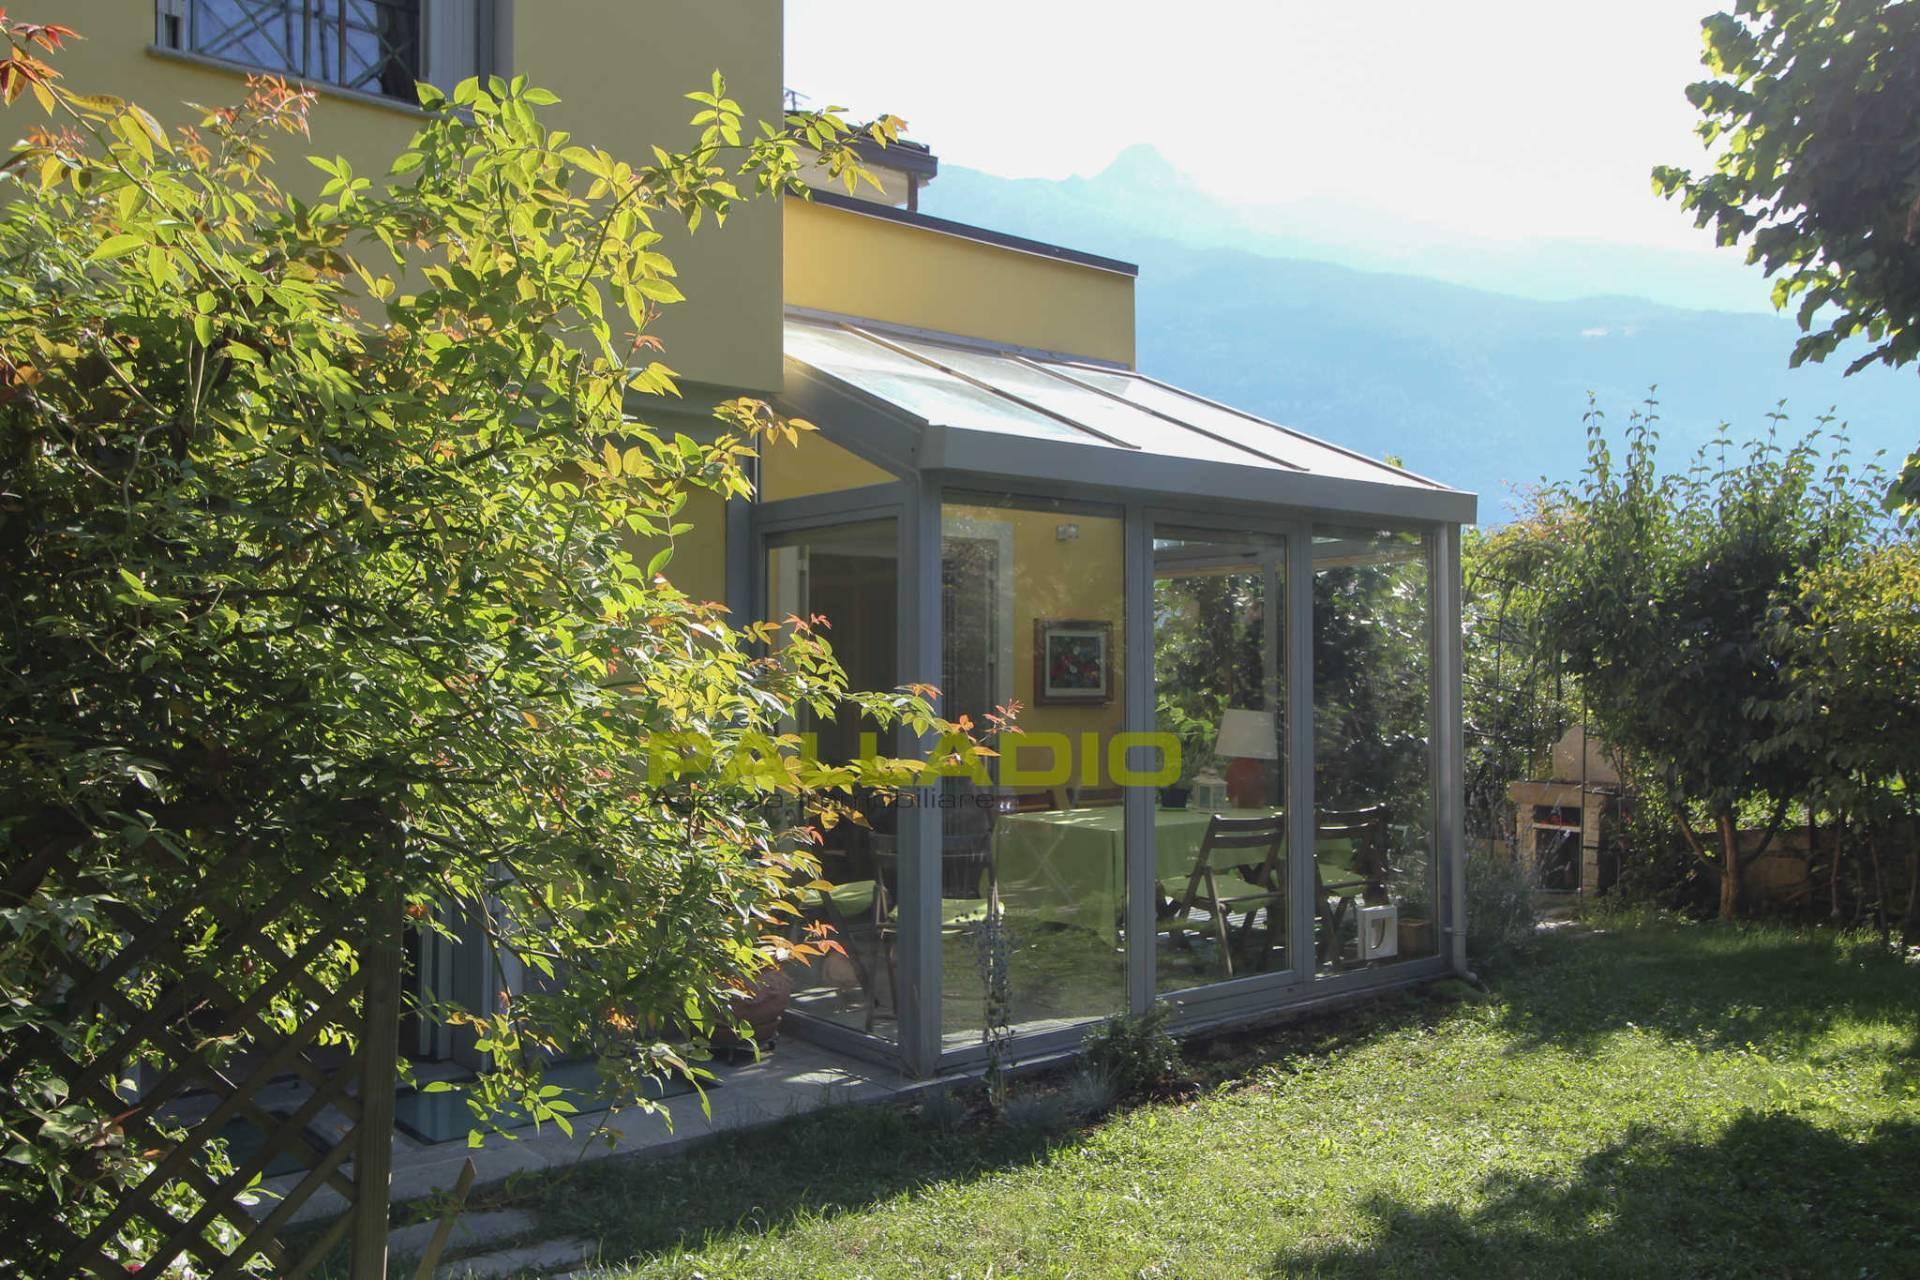 Villetta in vendita a Gignod (AO)